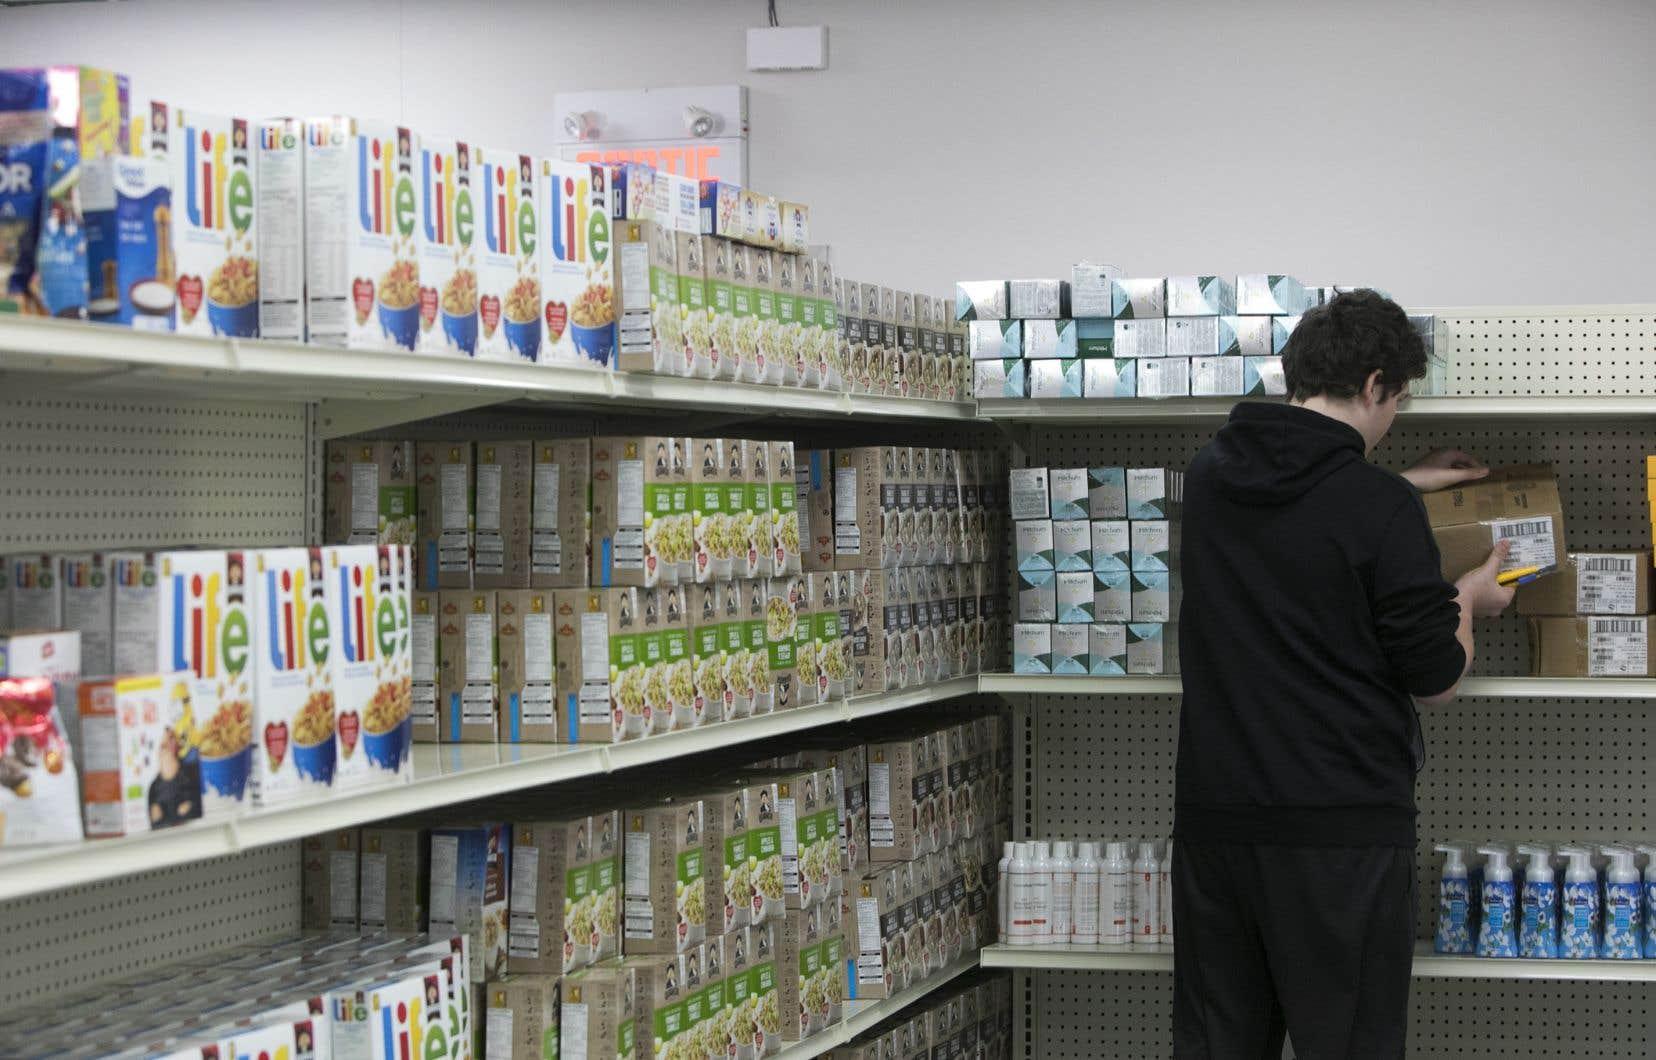 Moisson Montréal affirme qu'il approvisionne des organismes qui répondent à 567000 demandes d'aide alimentaire par mois sur l'île de Montréal.